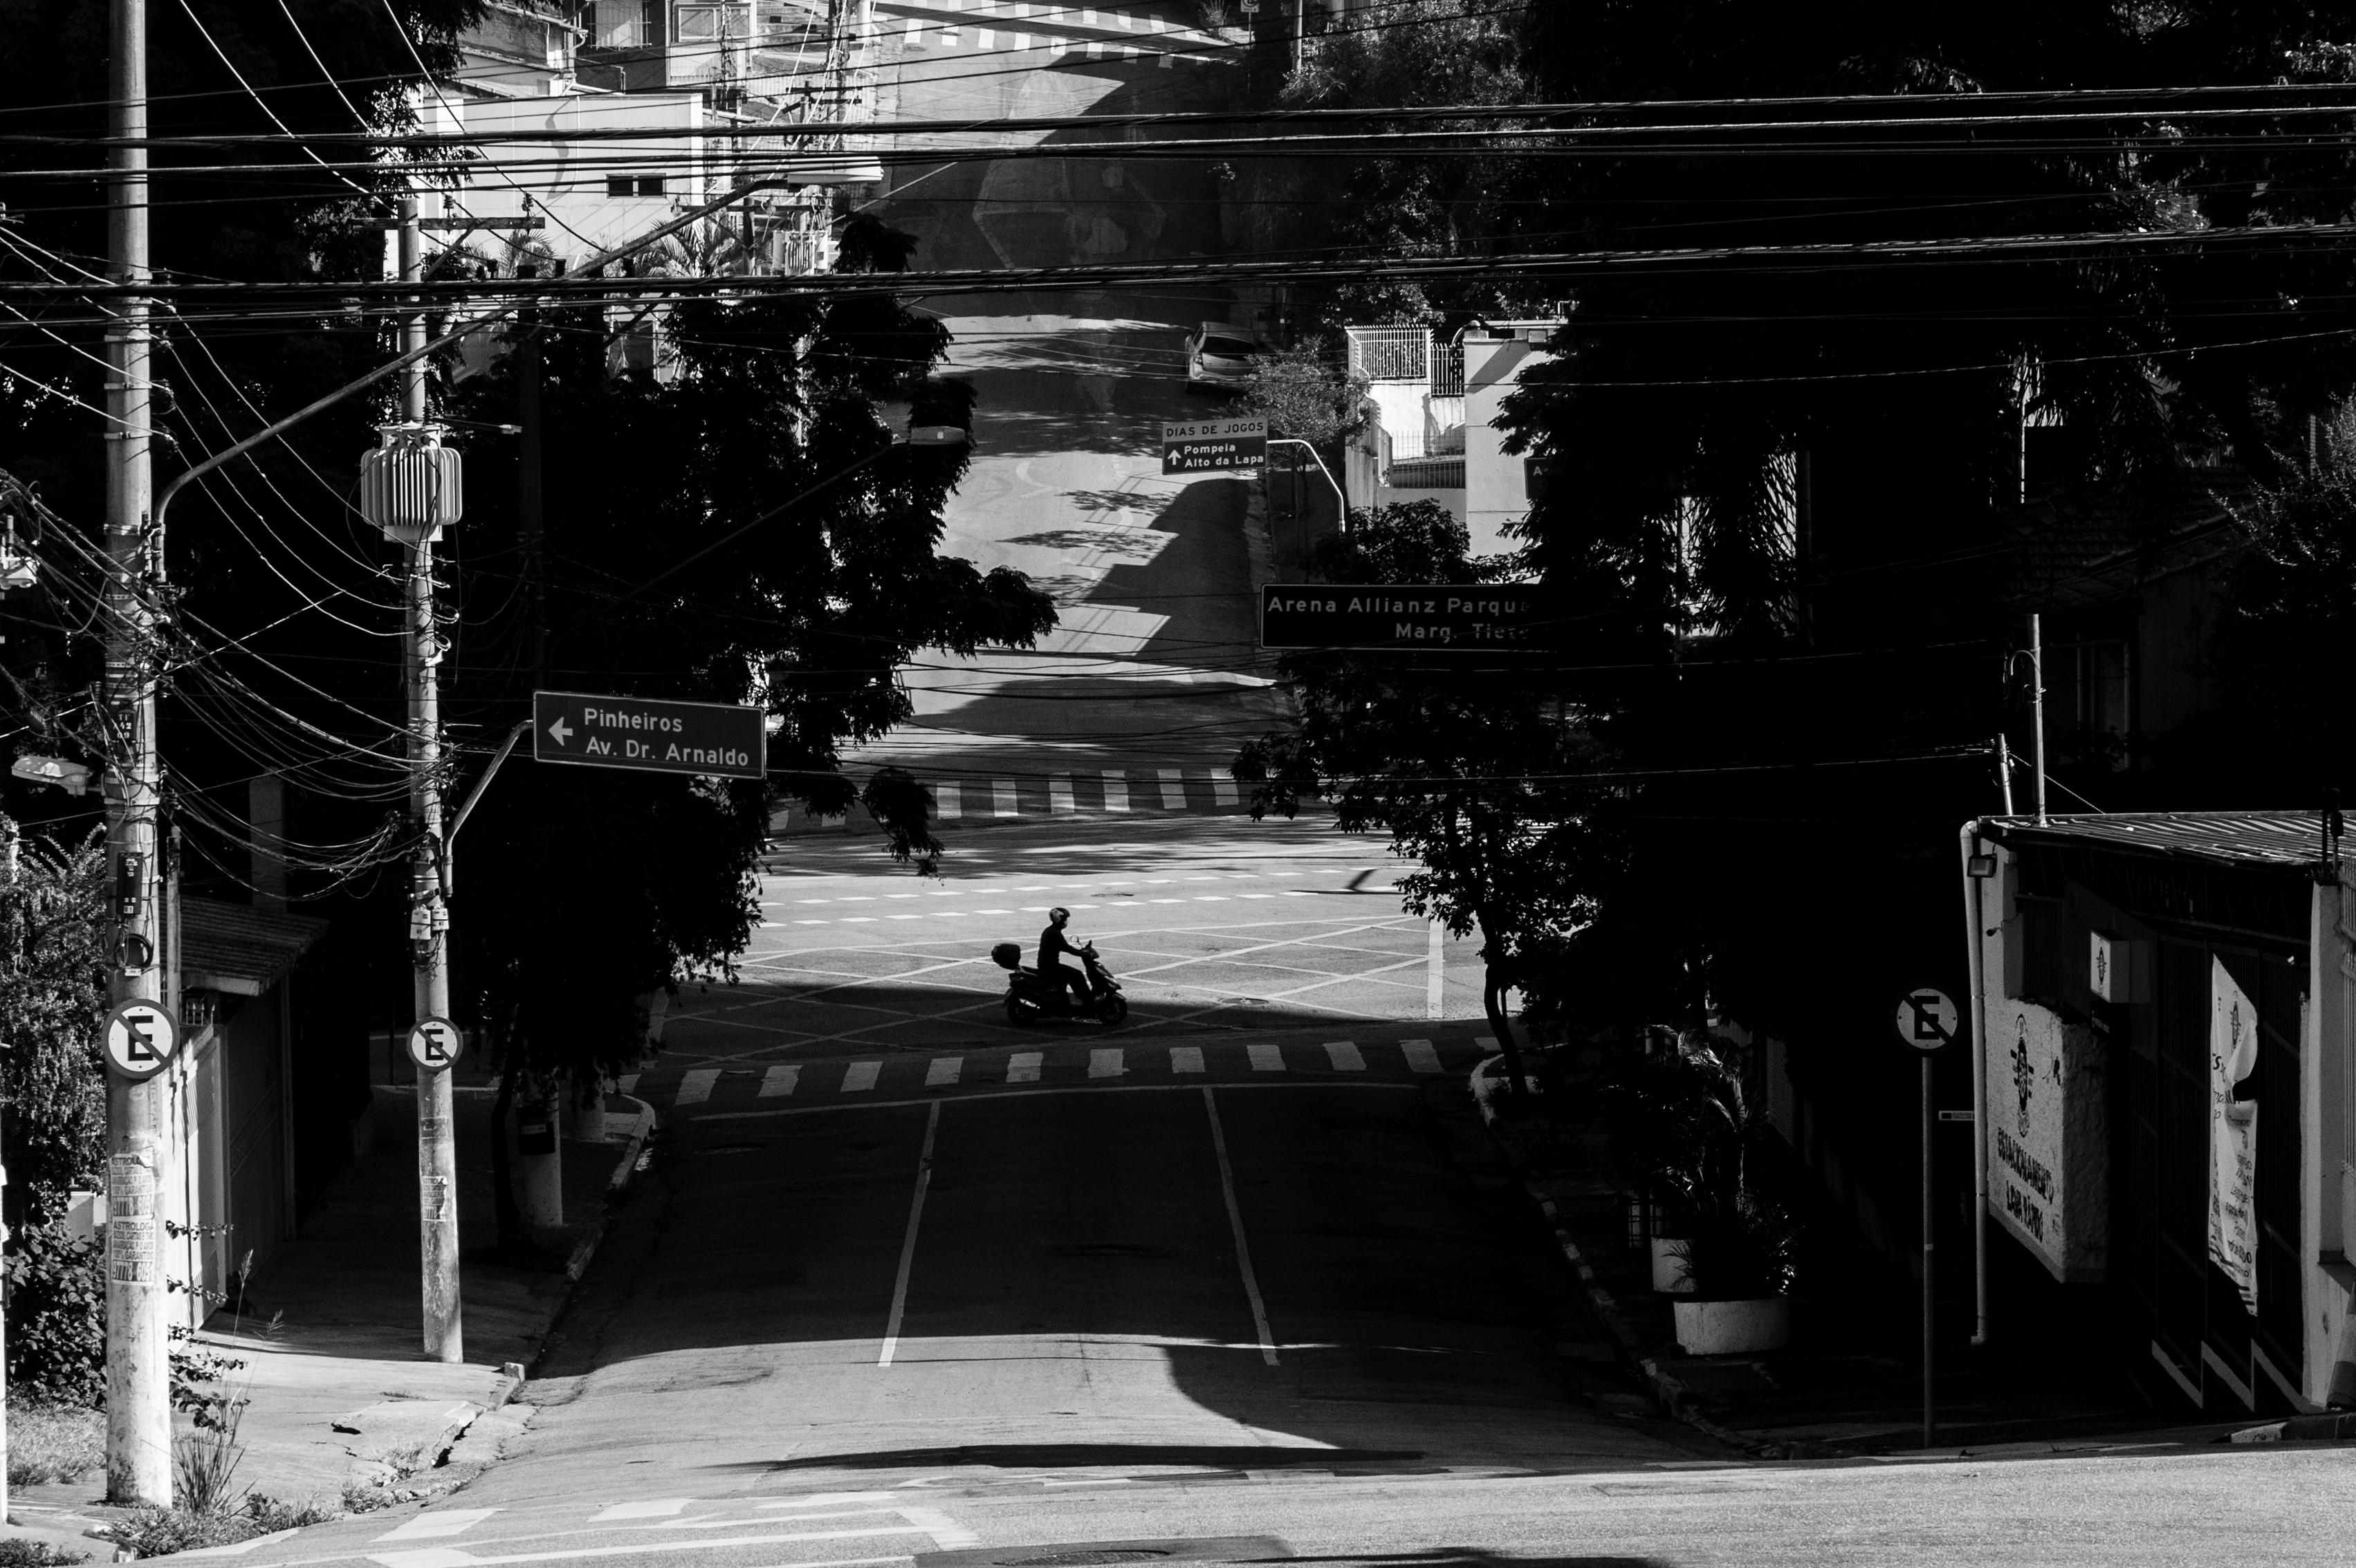 18_Perdizes,_dia_16_de_maio,_São_Paulo